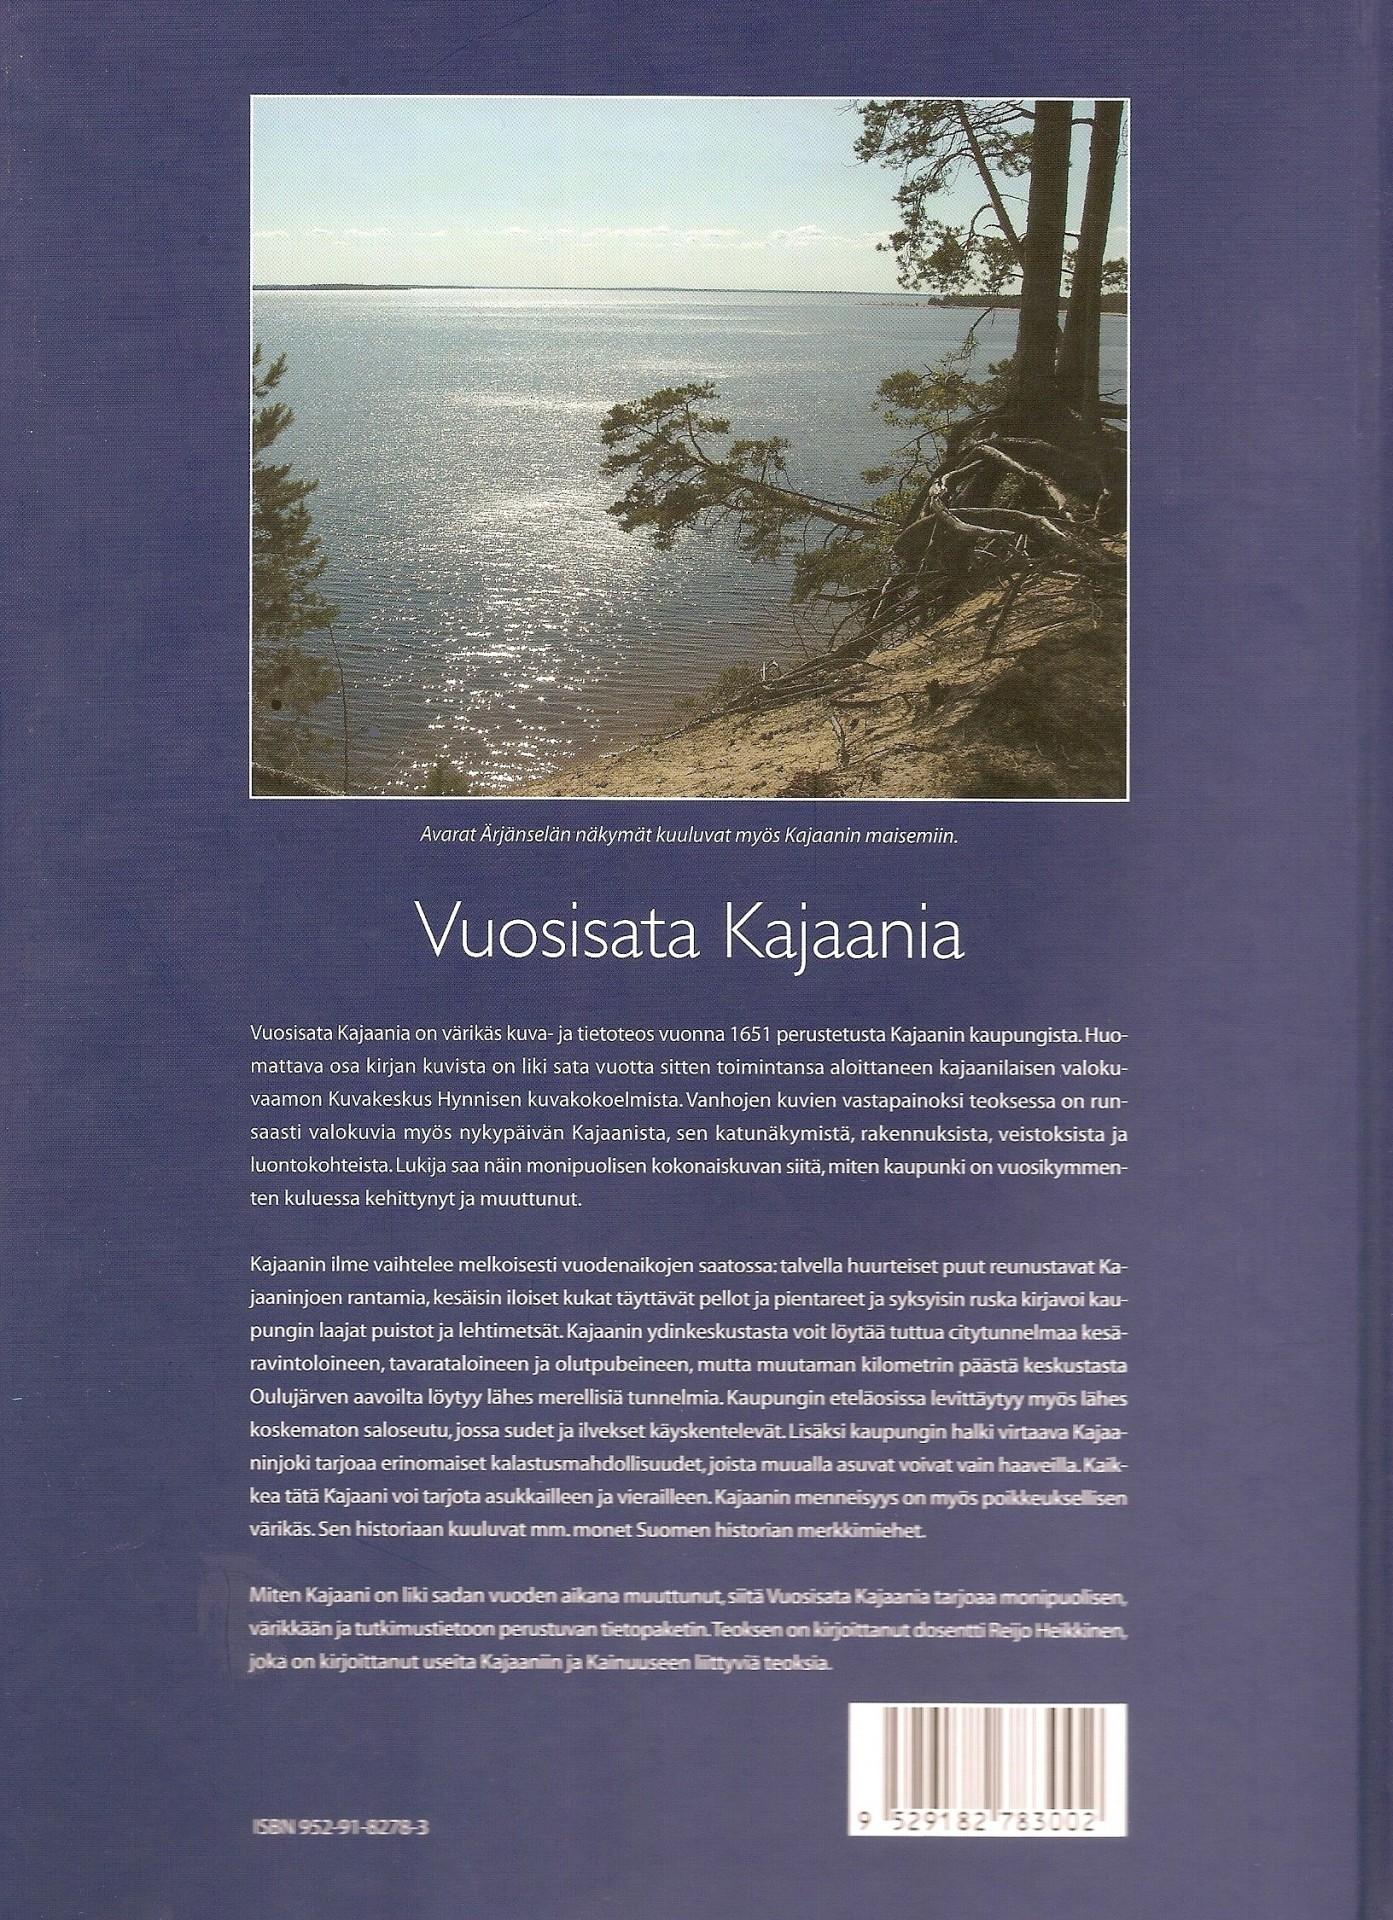 Vuosisata Kajaania 2005 II takakansi